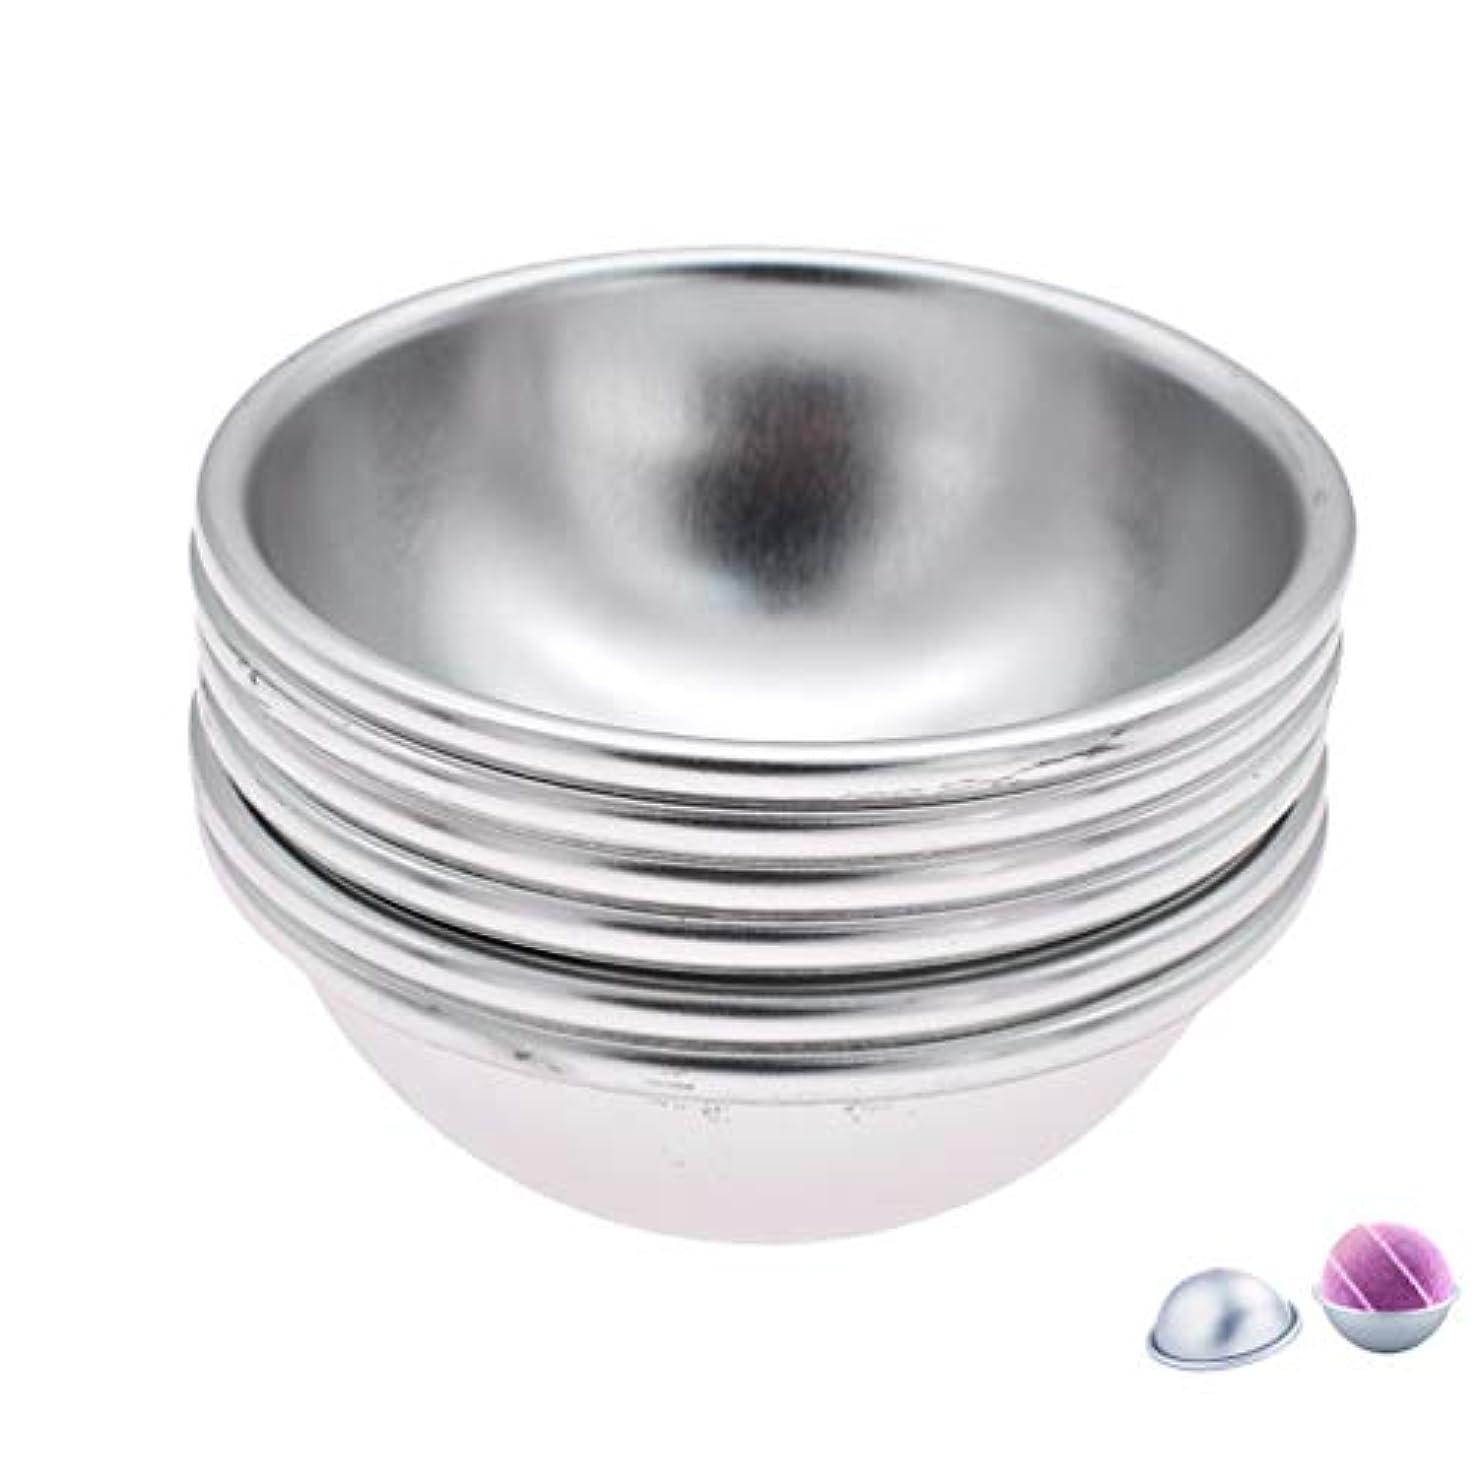 土砂降り動物実行可能(ライチ) Lychee 6個セット バスボム型 石鹸製造ツールセット 円形金型 DIYソープ ハンドメイド 食品にも使用可 ケーキ型 お菓子型